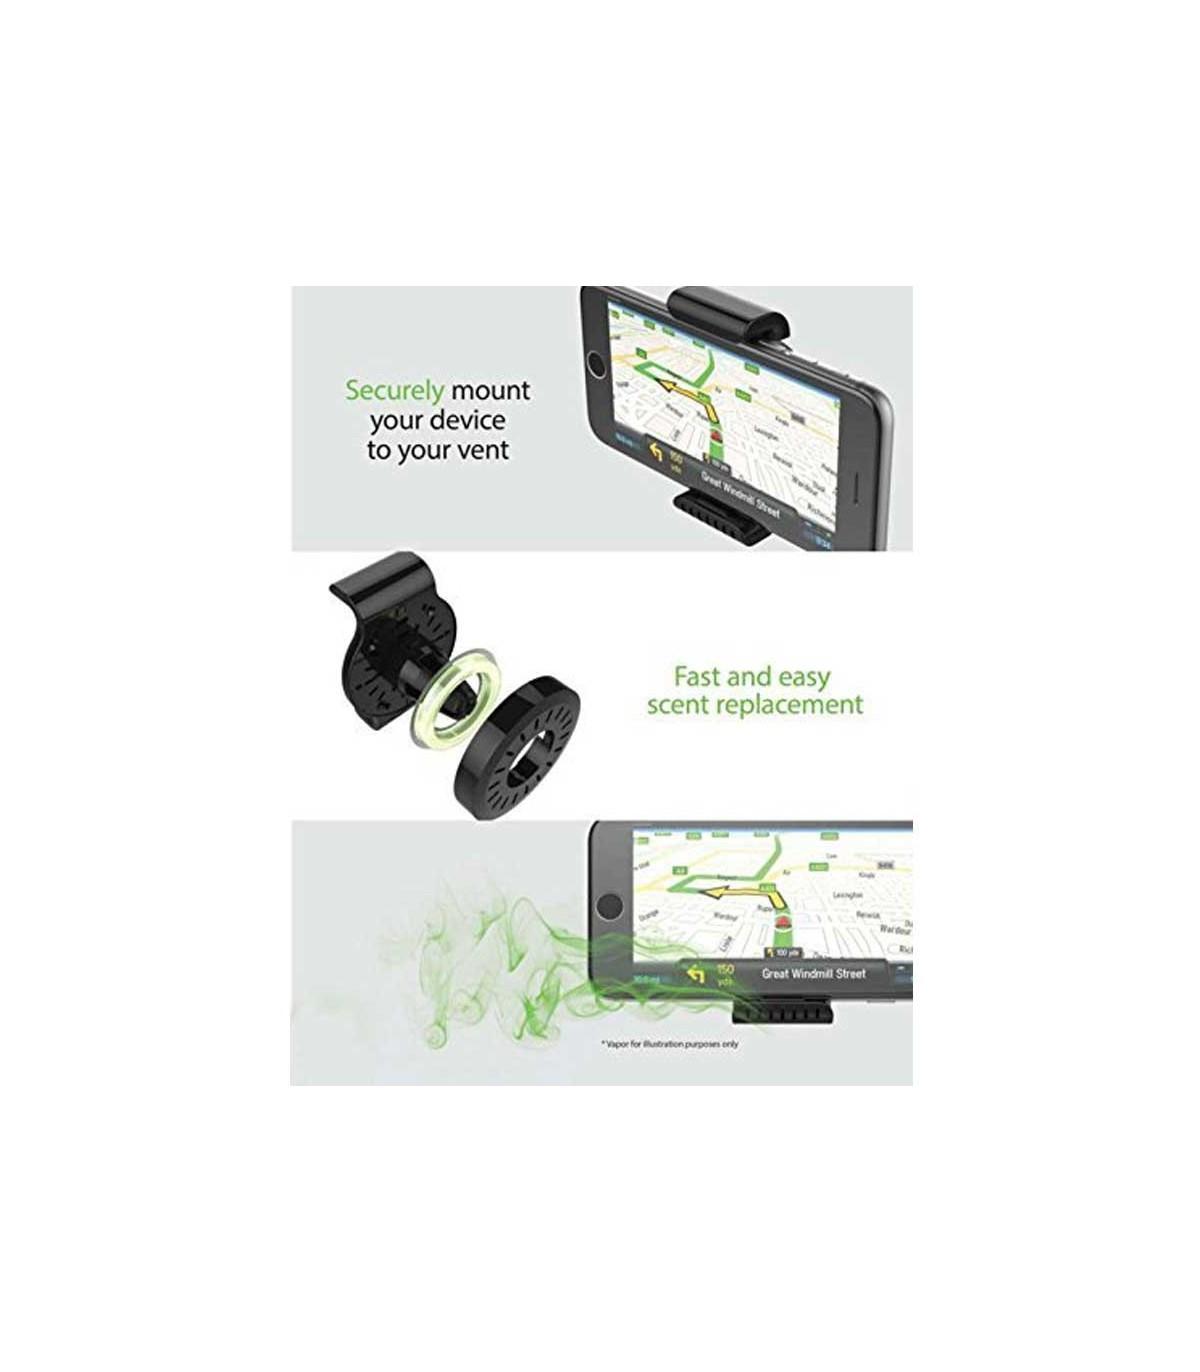 پایه نگهدارنده گوشی وخوشبو کننده خودرو Freshtech